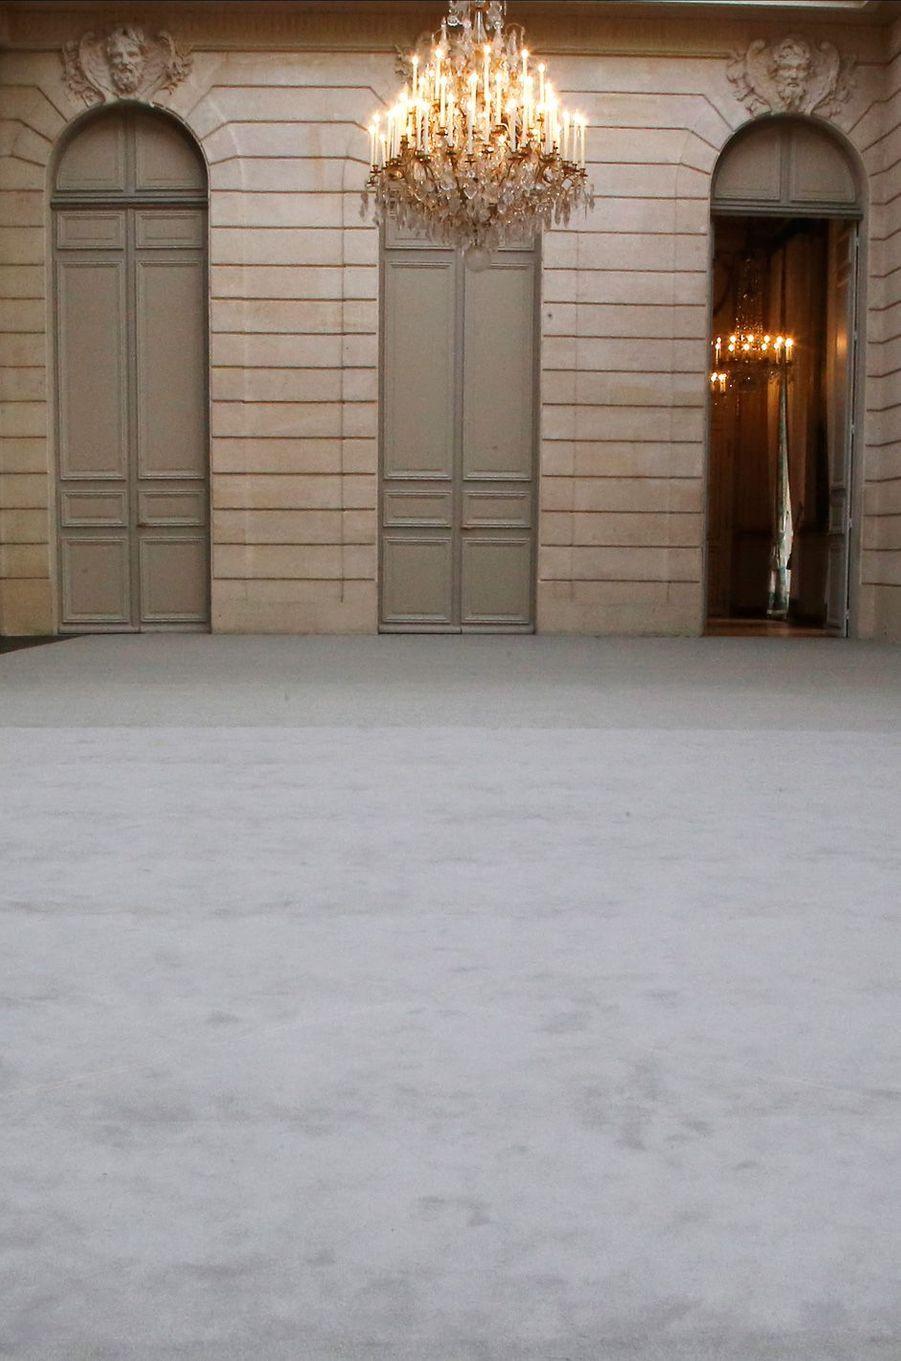 La salle des fêtes de l'Elysée après rénovation.